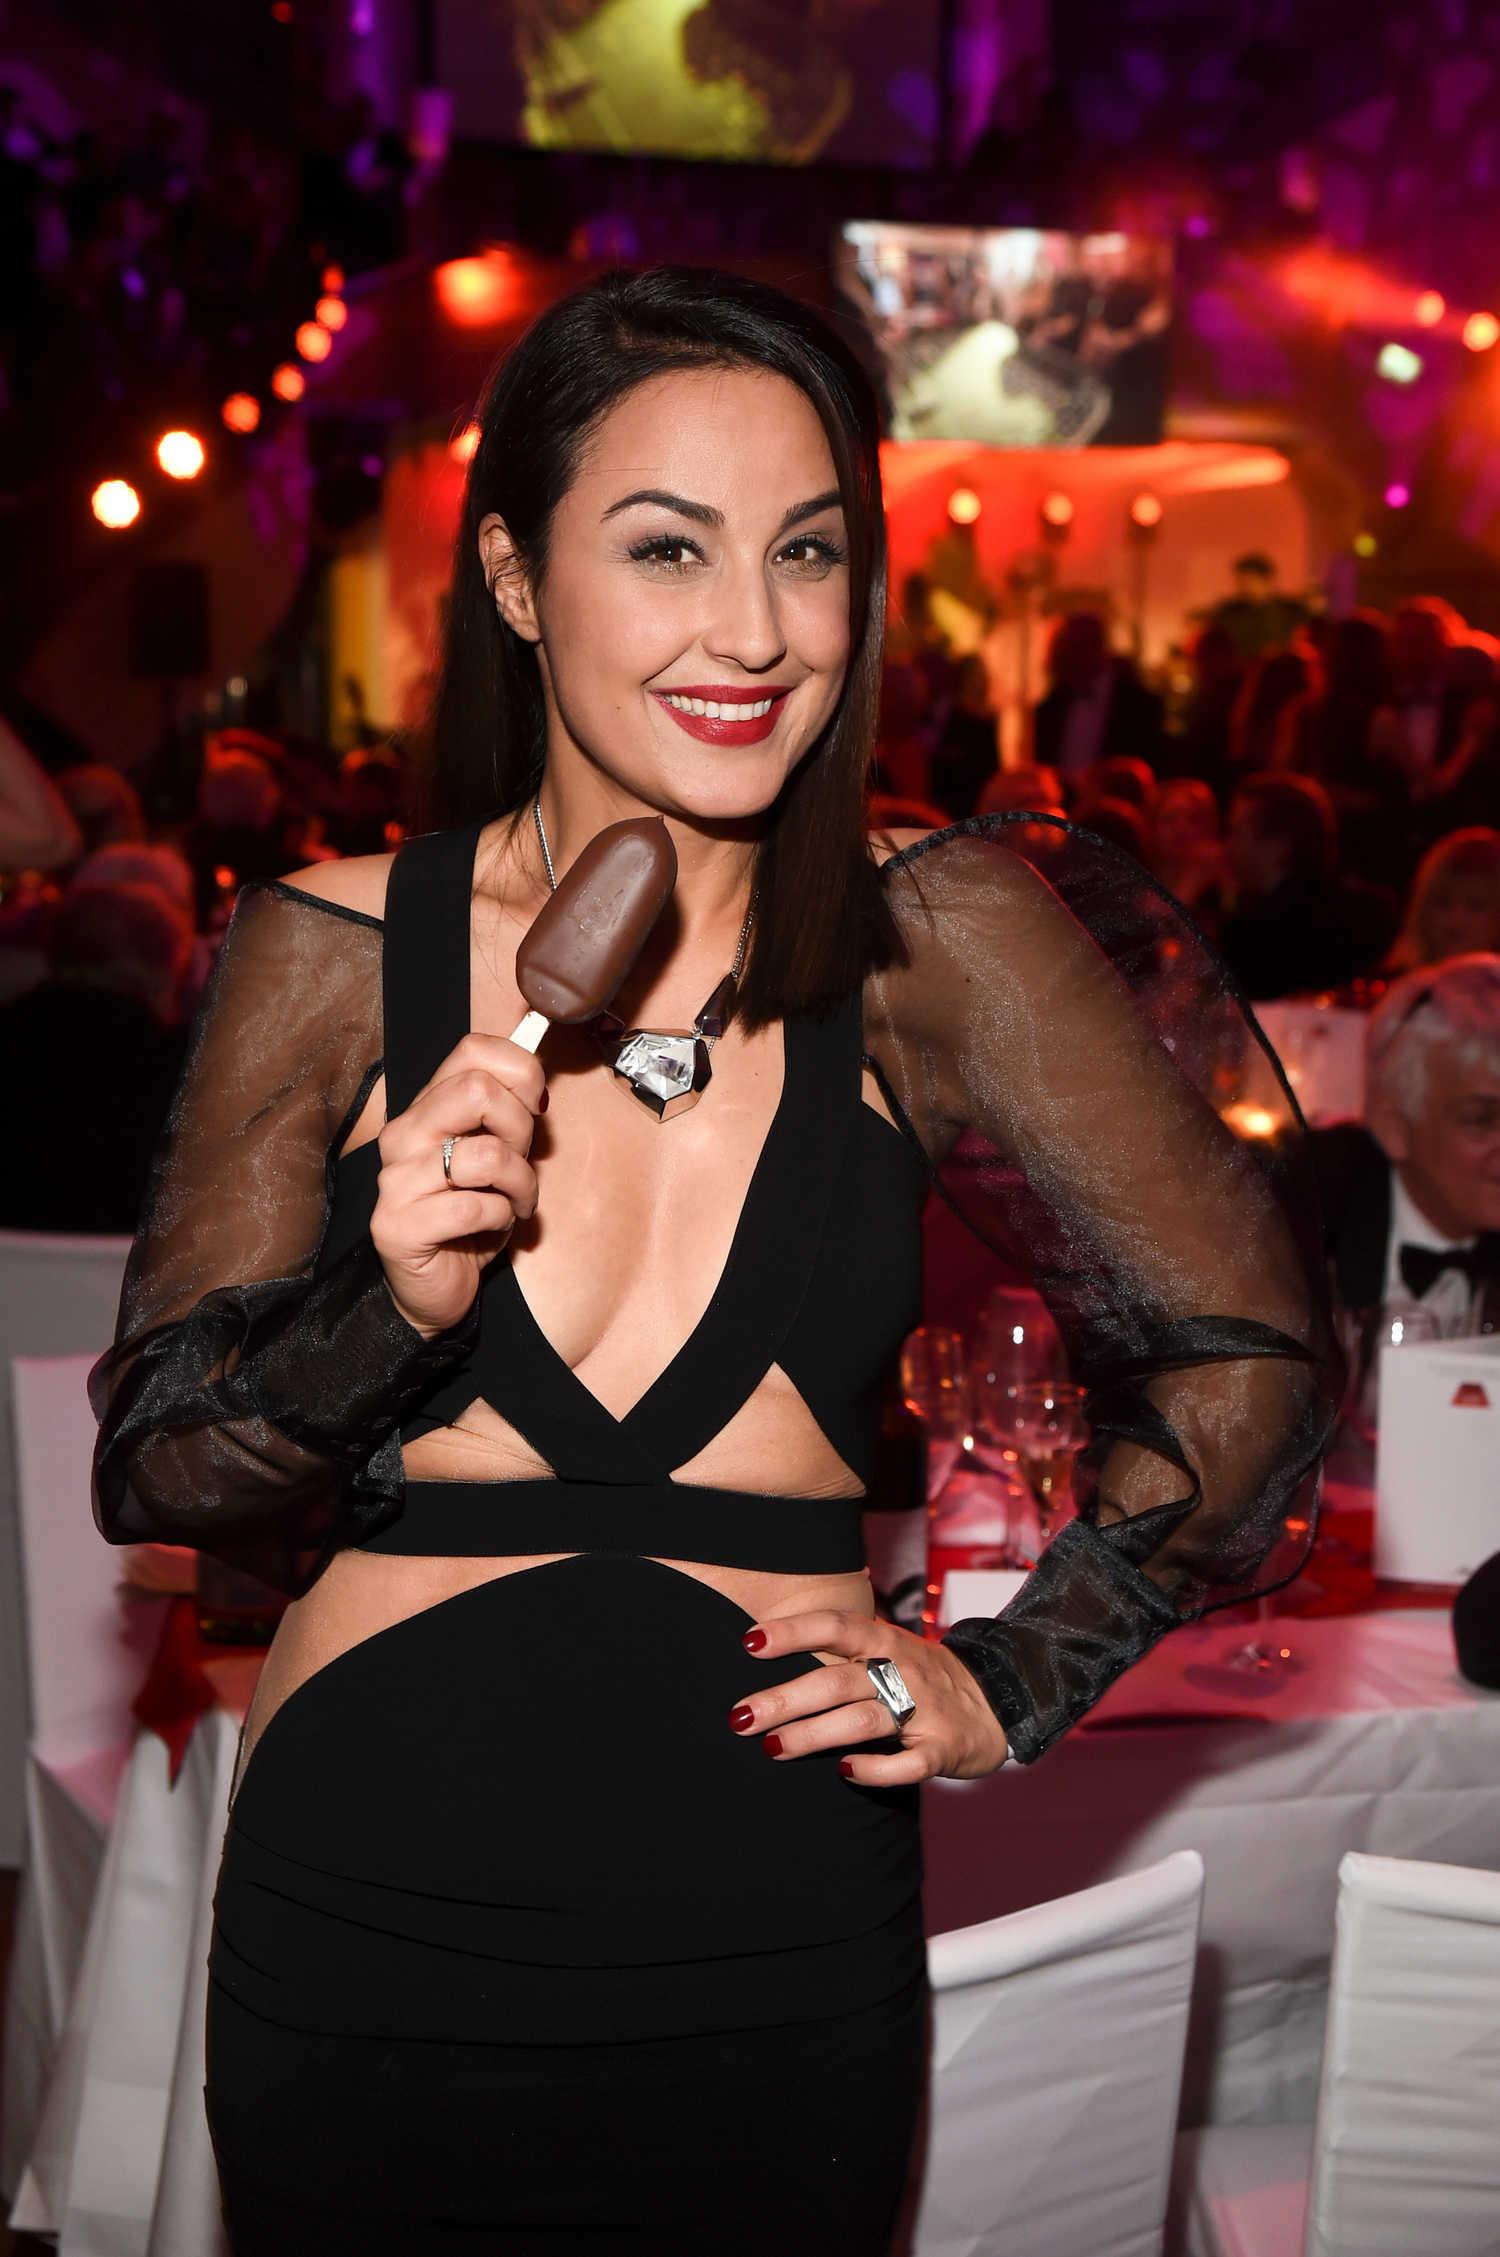 Nina Moghaddam at the Deutscher Filmball in Munich - Celeb